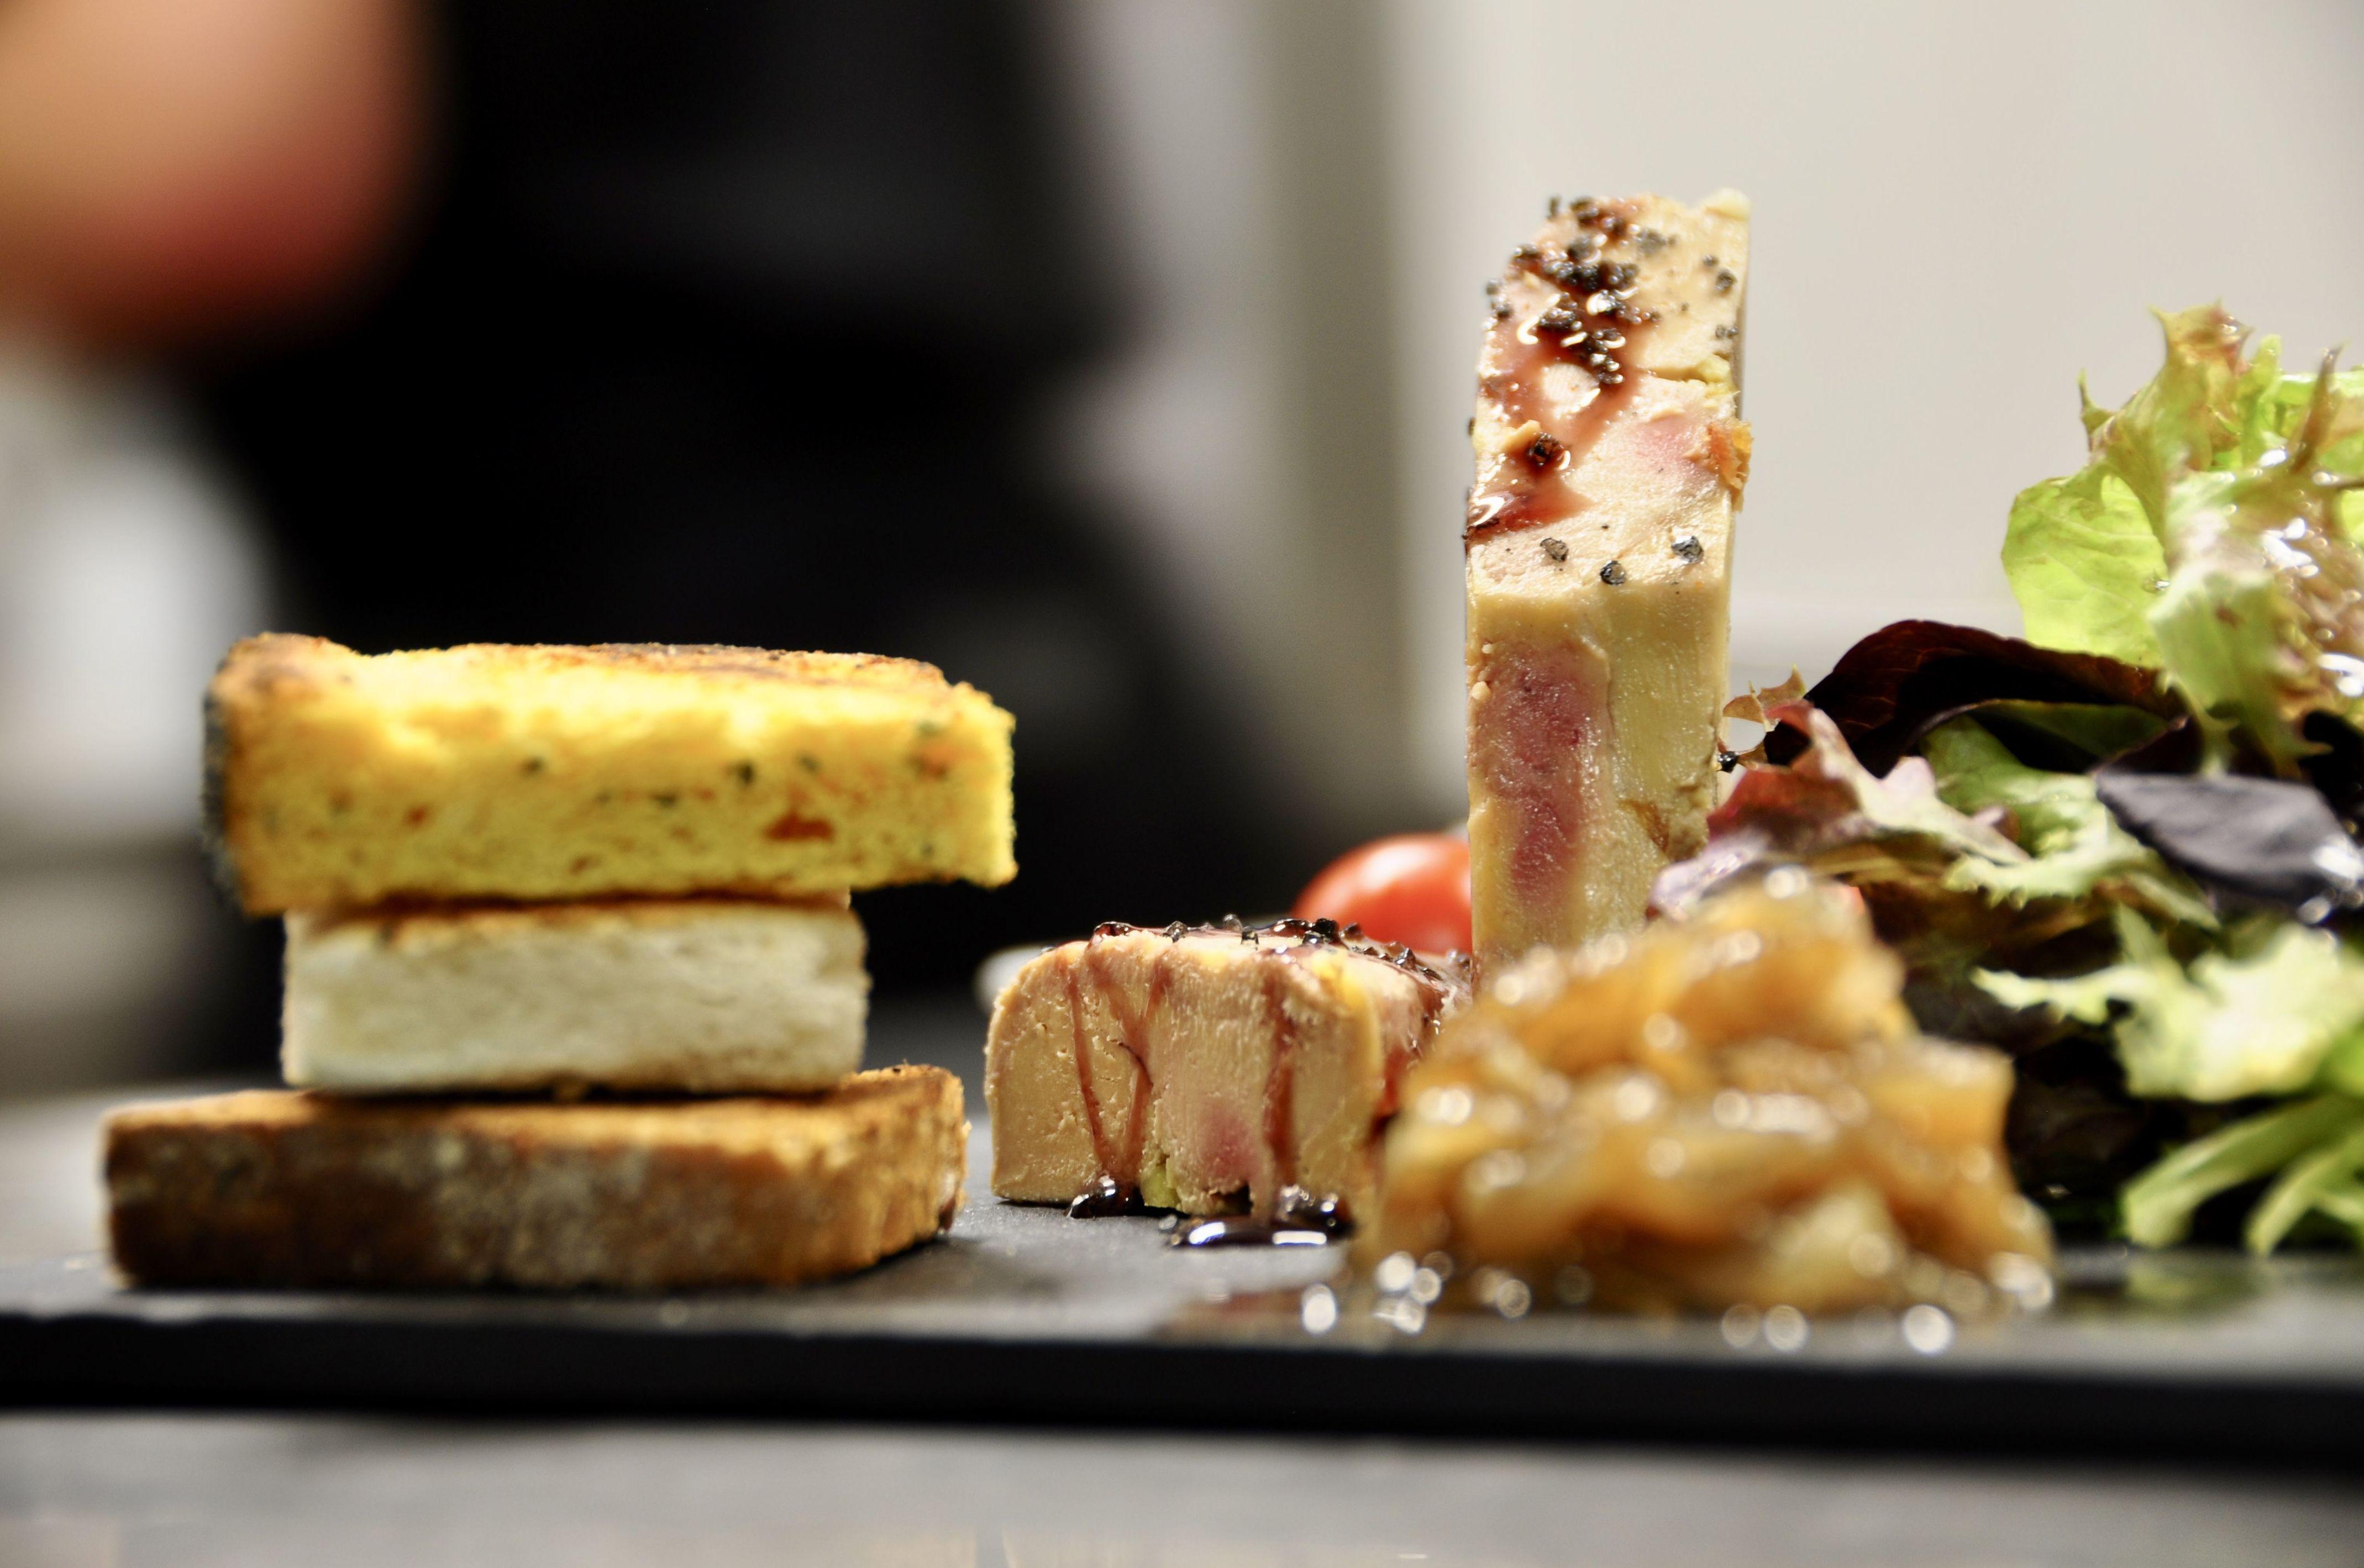 Terrina casera de foie y mango, panecillos panadero y confituras artesanas.